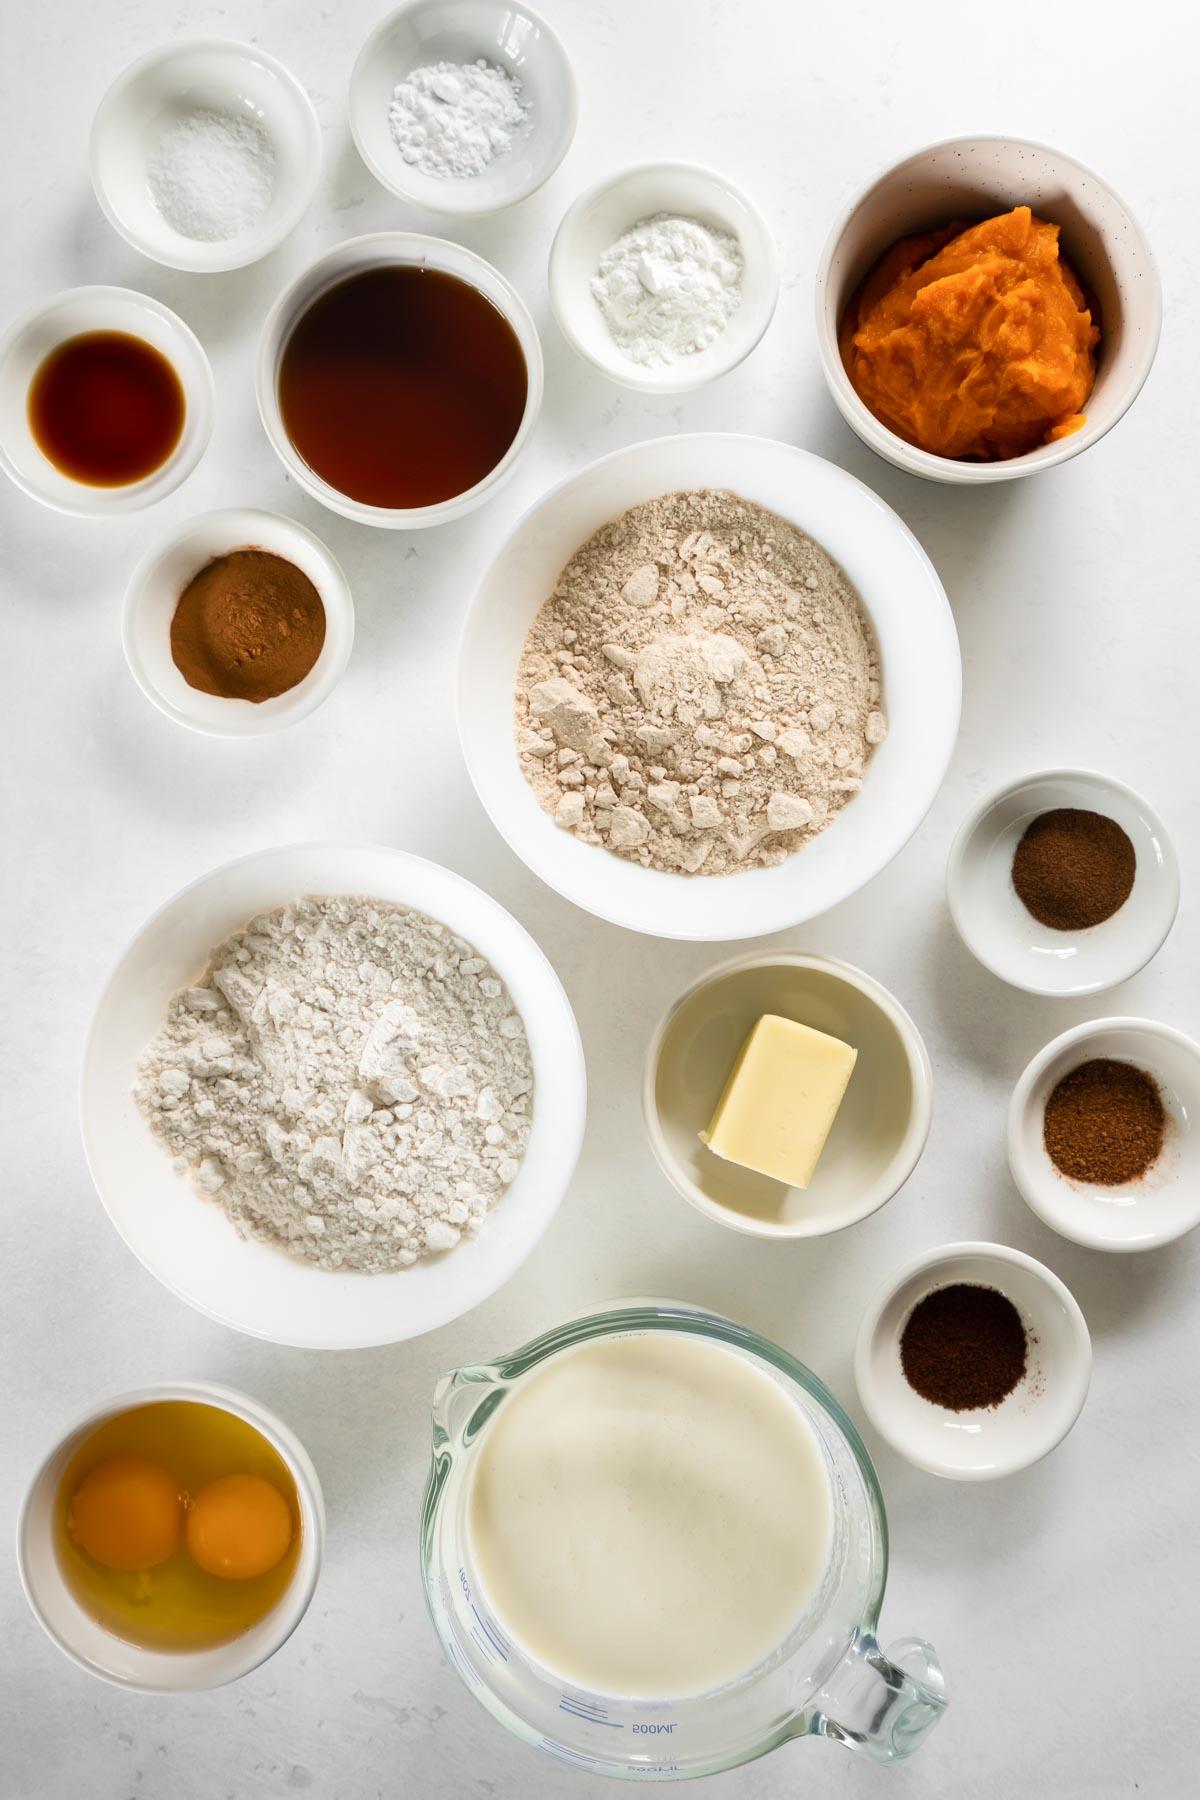 ingredients for pumpkin pancake recipe